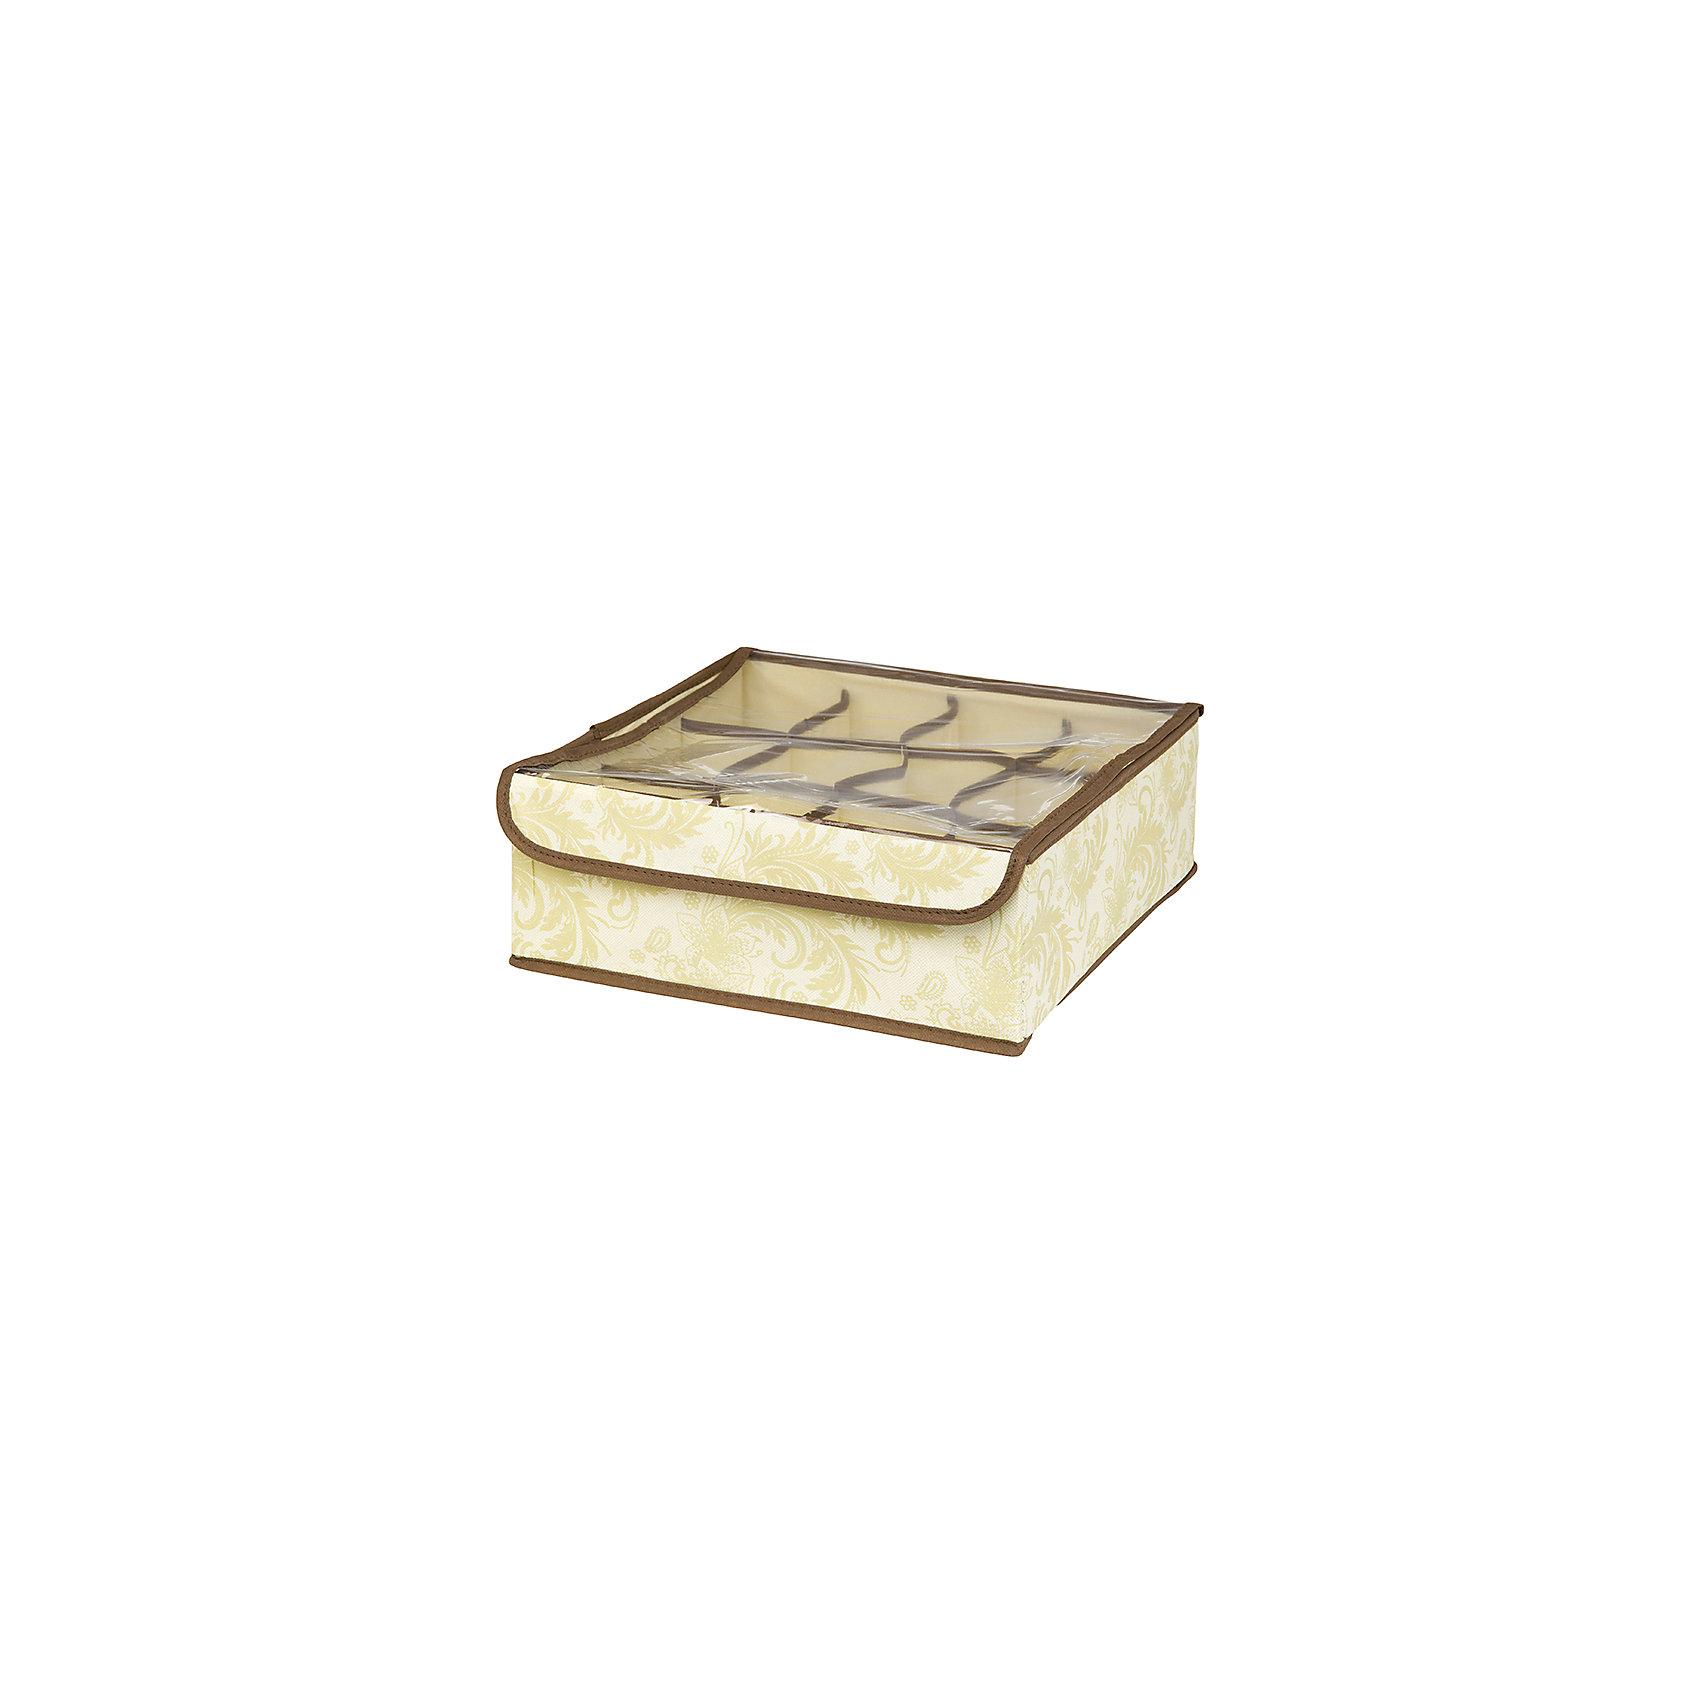 Кофр для нижнего белья и носков 32*32*12 см. Бежевый узор, 12 секций, EL CasaПорядок в детской<br>Кофр с 12 секциями подходит для хранения EL Casa нижнего белья, колготок, носков и другой одежды. Изготовлен из высококачественного нетканного материала, что позволяет сохранить естественную вентиляцию. Прозрачная крышка позволяет видеть содержимое кофра, не открывая его. Такой органайзер позволит вам хранить  вещи компактно и удобно. Размер 32х32х12 см.<br><br>Ширина мм: 330<br>Глубина мм: 125<br>Высота мм: 15<br>Вес г: 283<br>Возраст от месяцев: 0<br>Возраст до месяцев: 1188<br>Пол: Унисекс<br>Возраст: Детский<br>SKU: 6668766